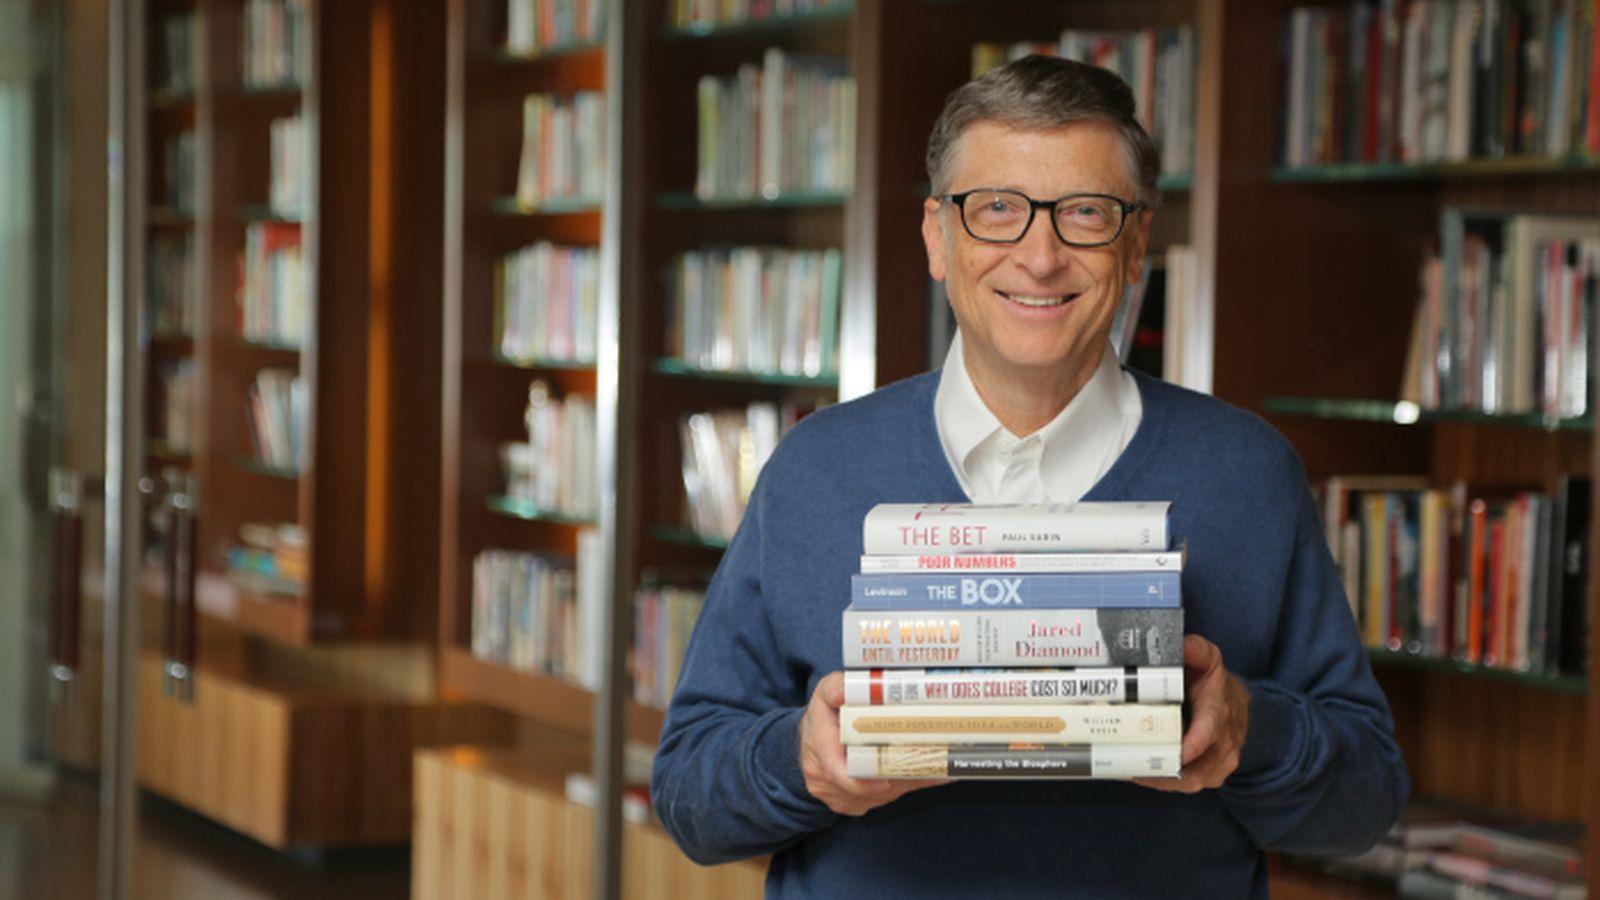 Muốn Thành Công Như Bill Gates, Warren Buffett hay Elon Musk Bạn Nhất Định Phải Có Thói Quen Này